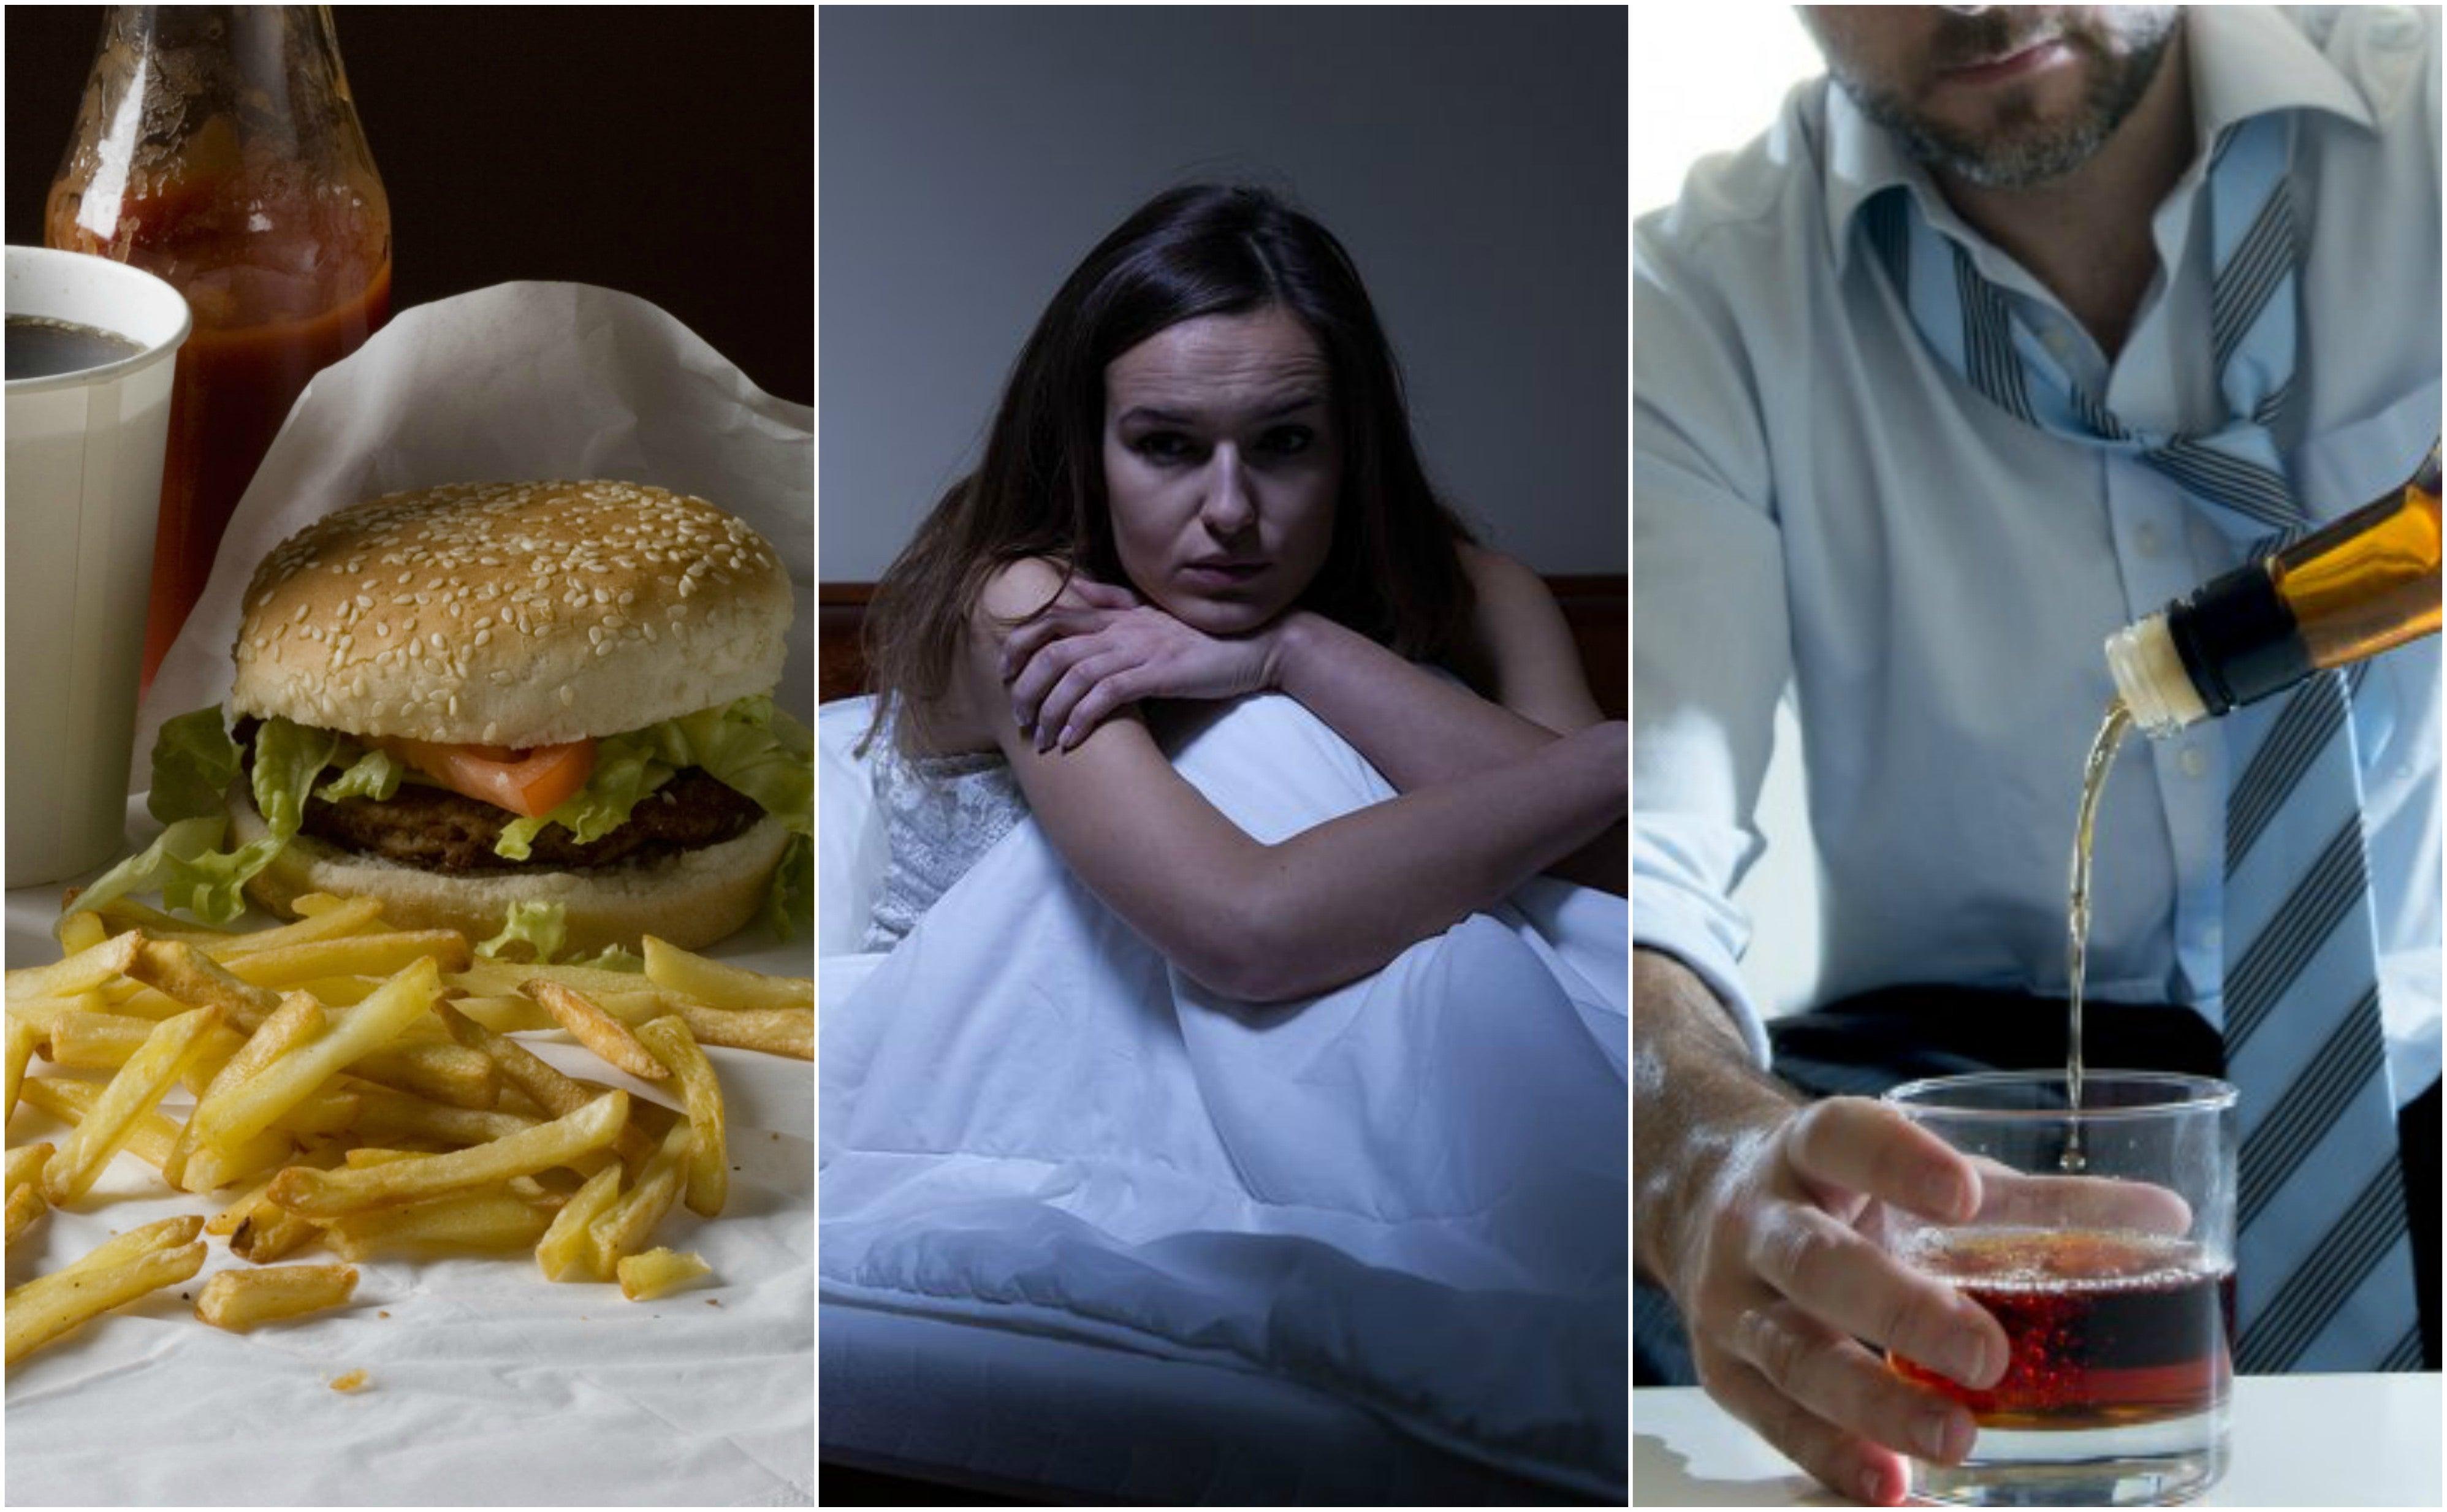 6 desencadenantes comunes de ansiedad que puedes evitar